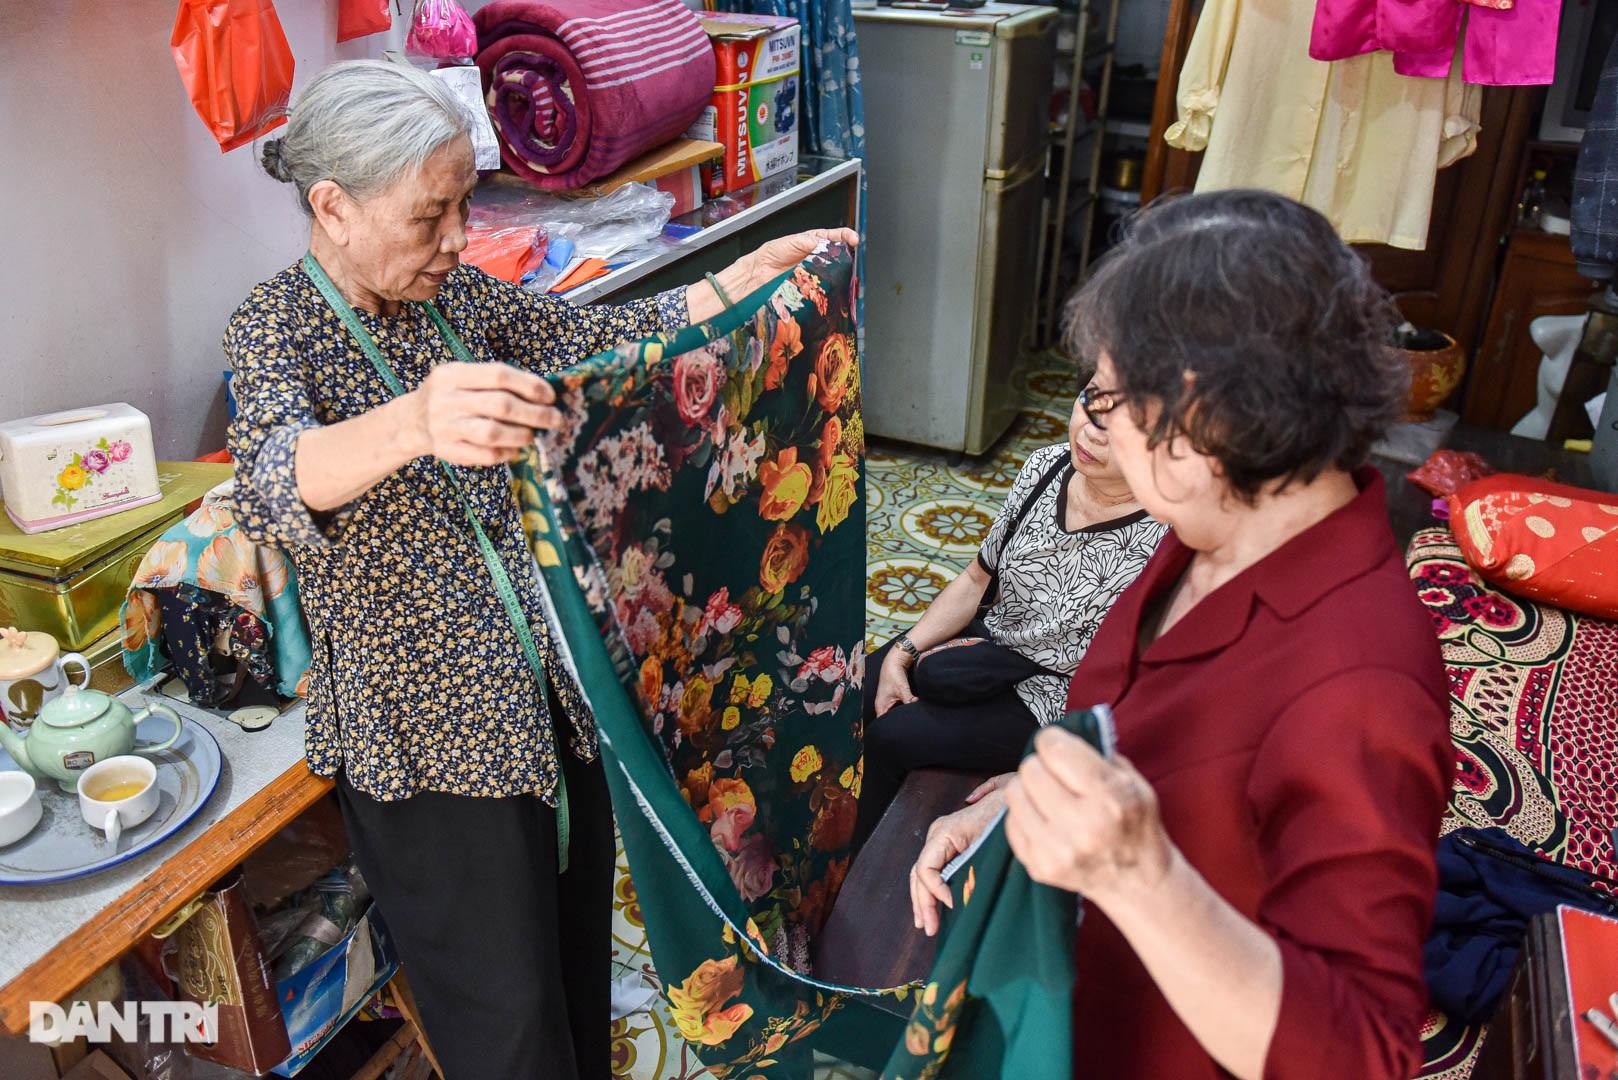 Tiệm áo dài 4 đời được trả 400 cây vàng mà không bán của cụ bà 81 tuổi - 7